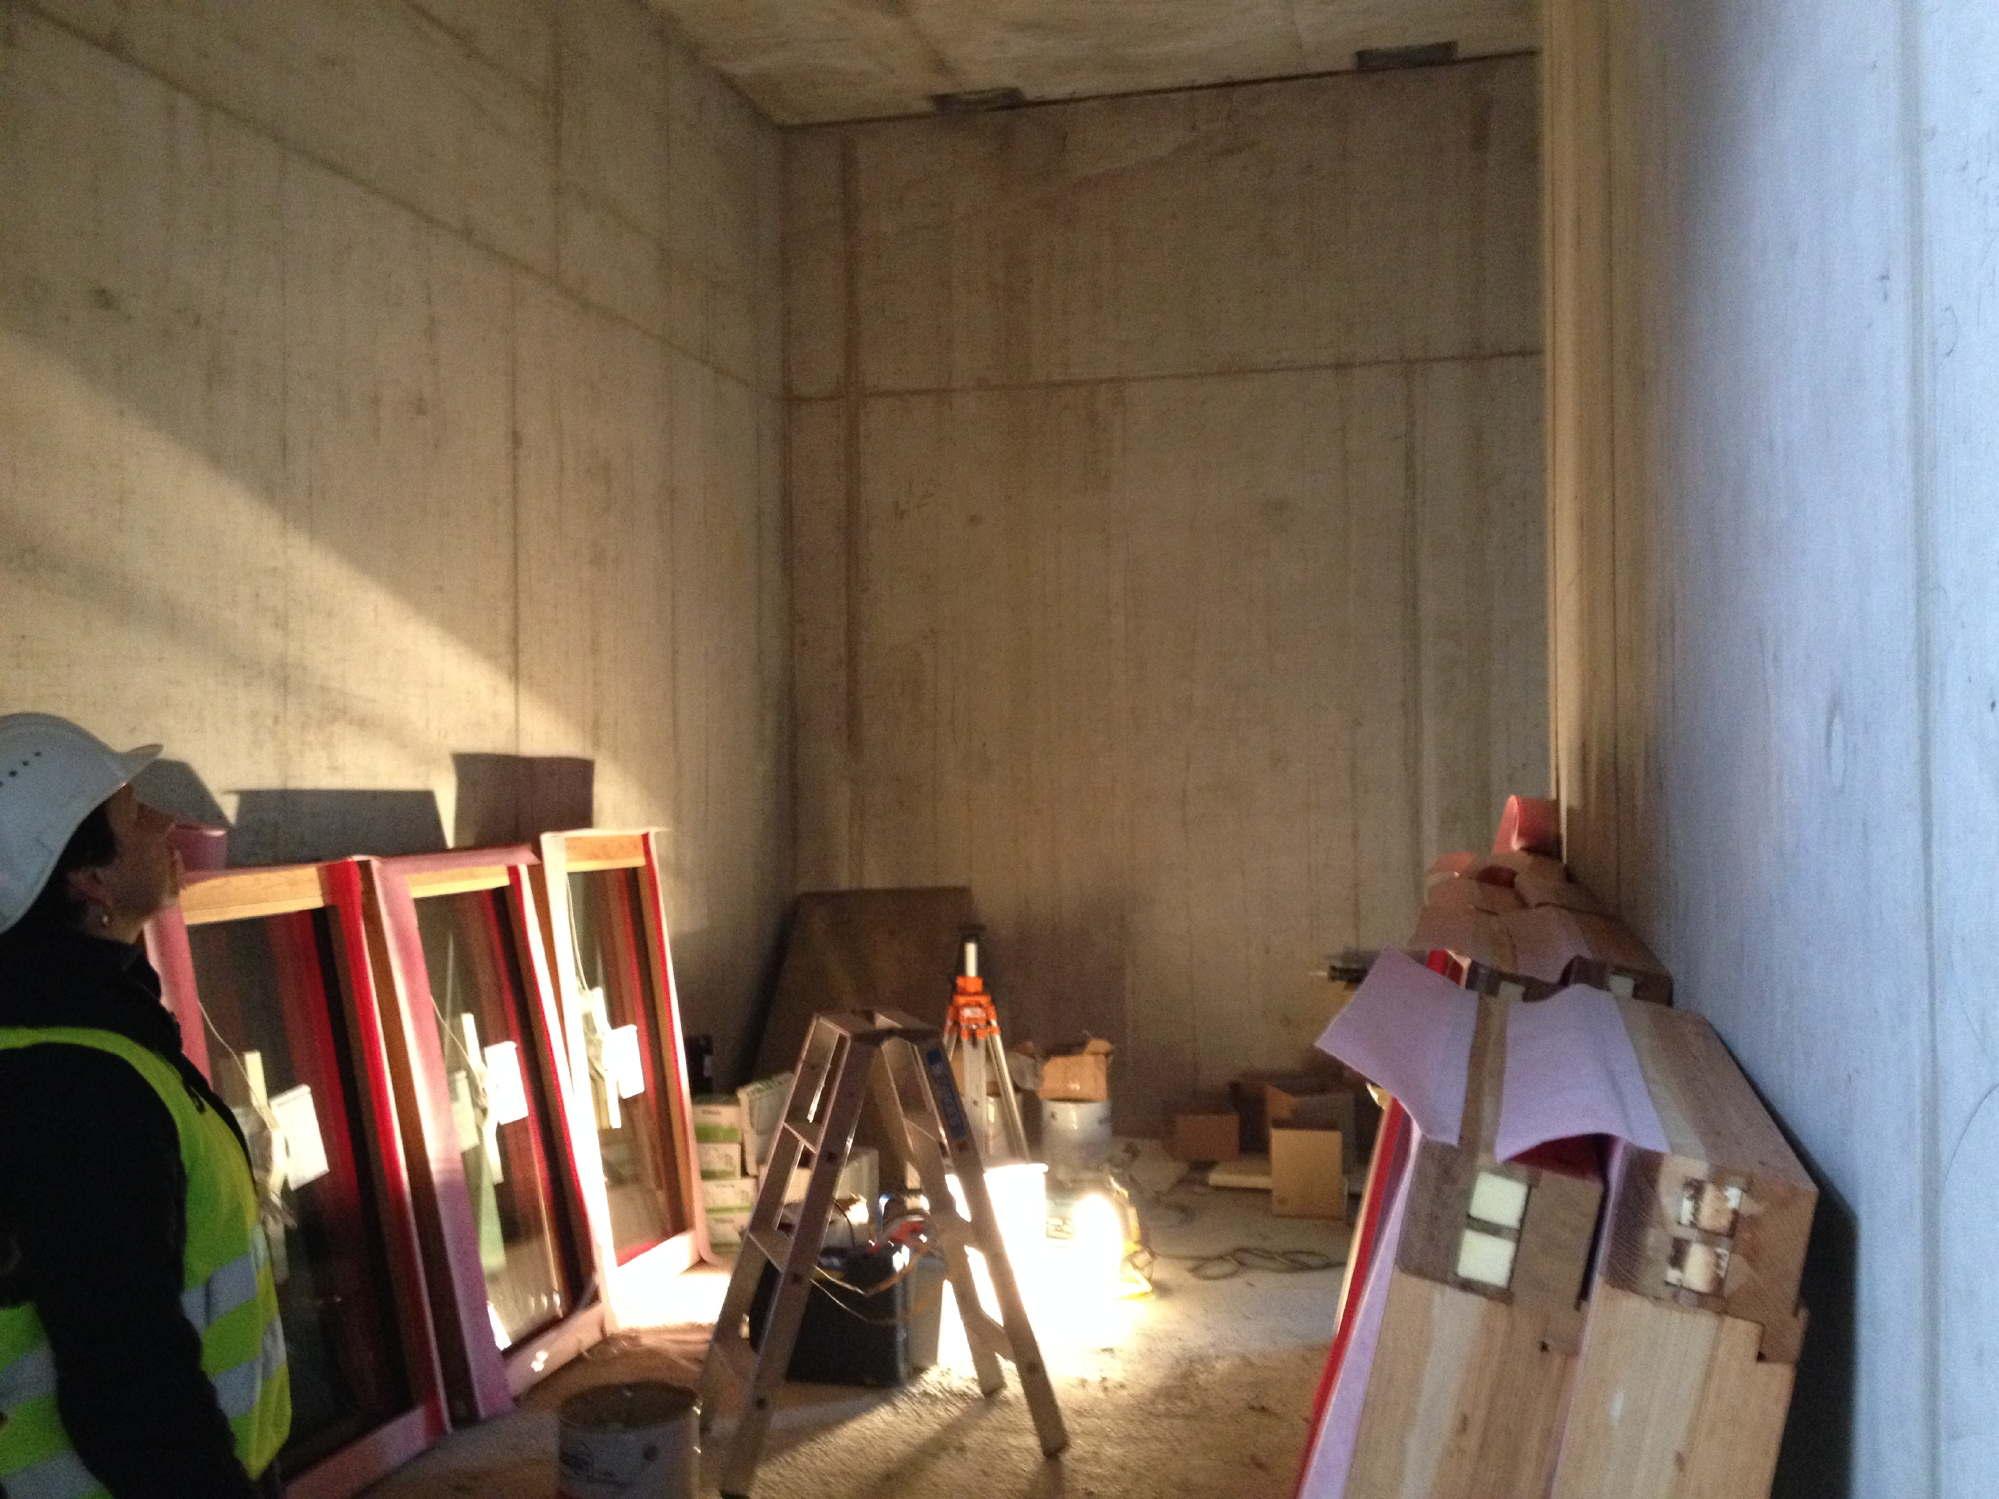 historisches museum frankfurt: das neue Ausstellungshaus im Febr. 2015 – das Studierzimmer